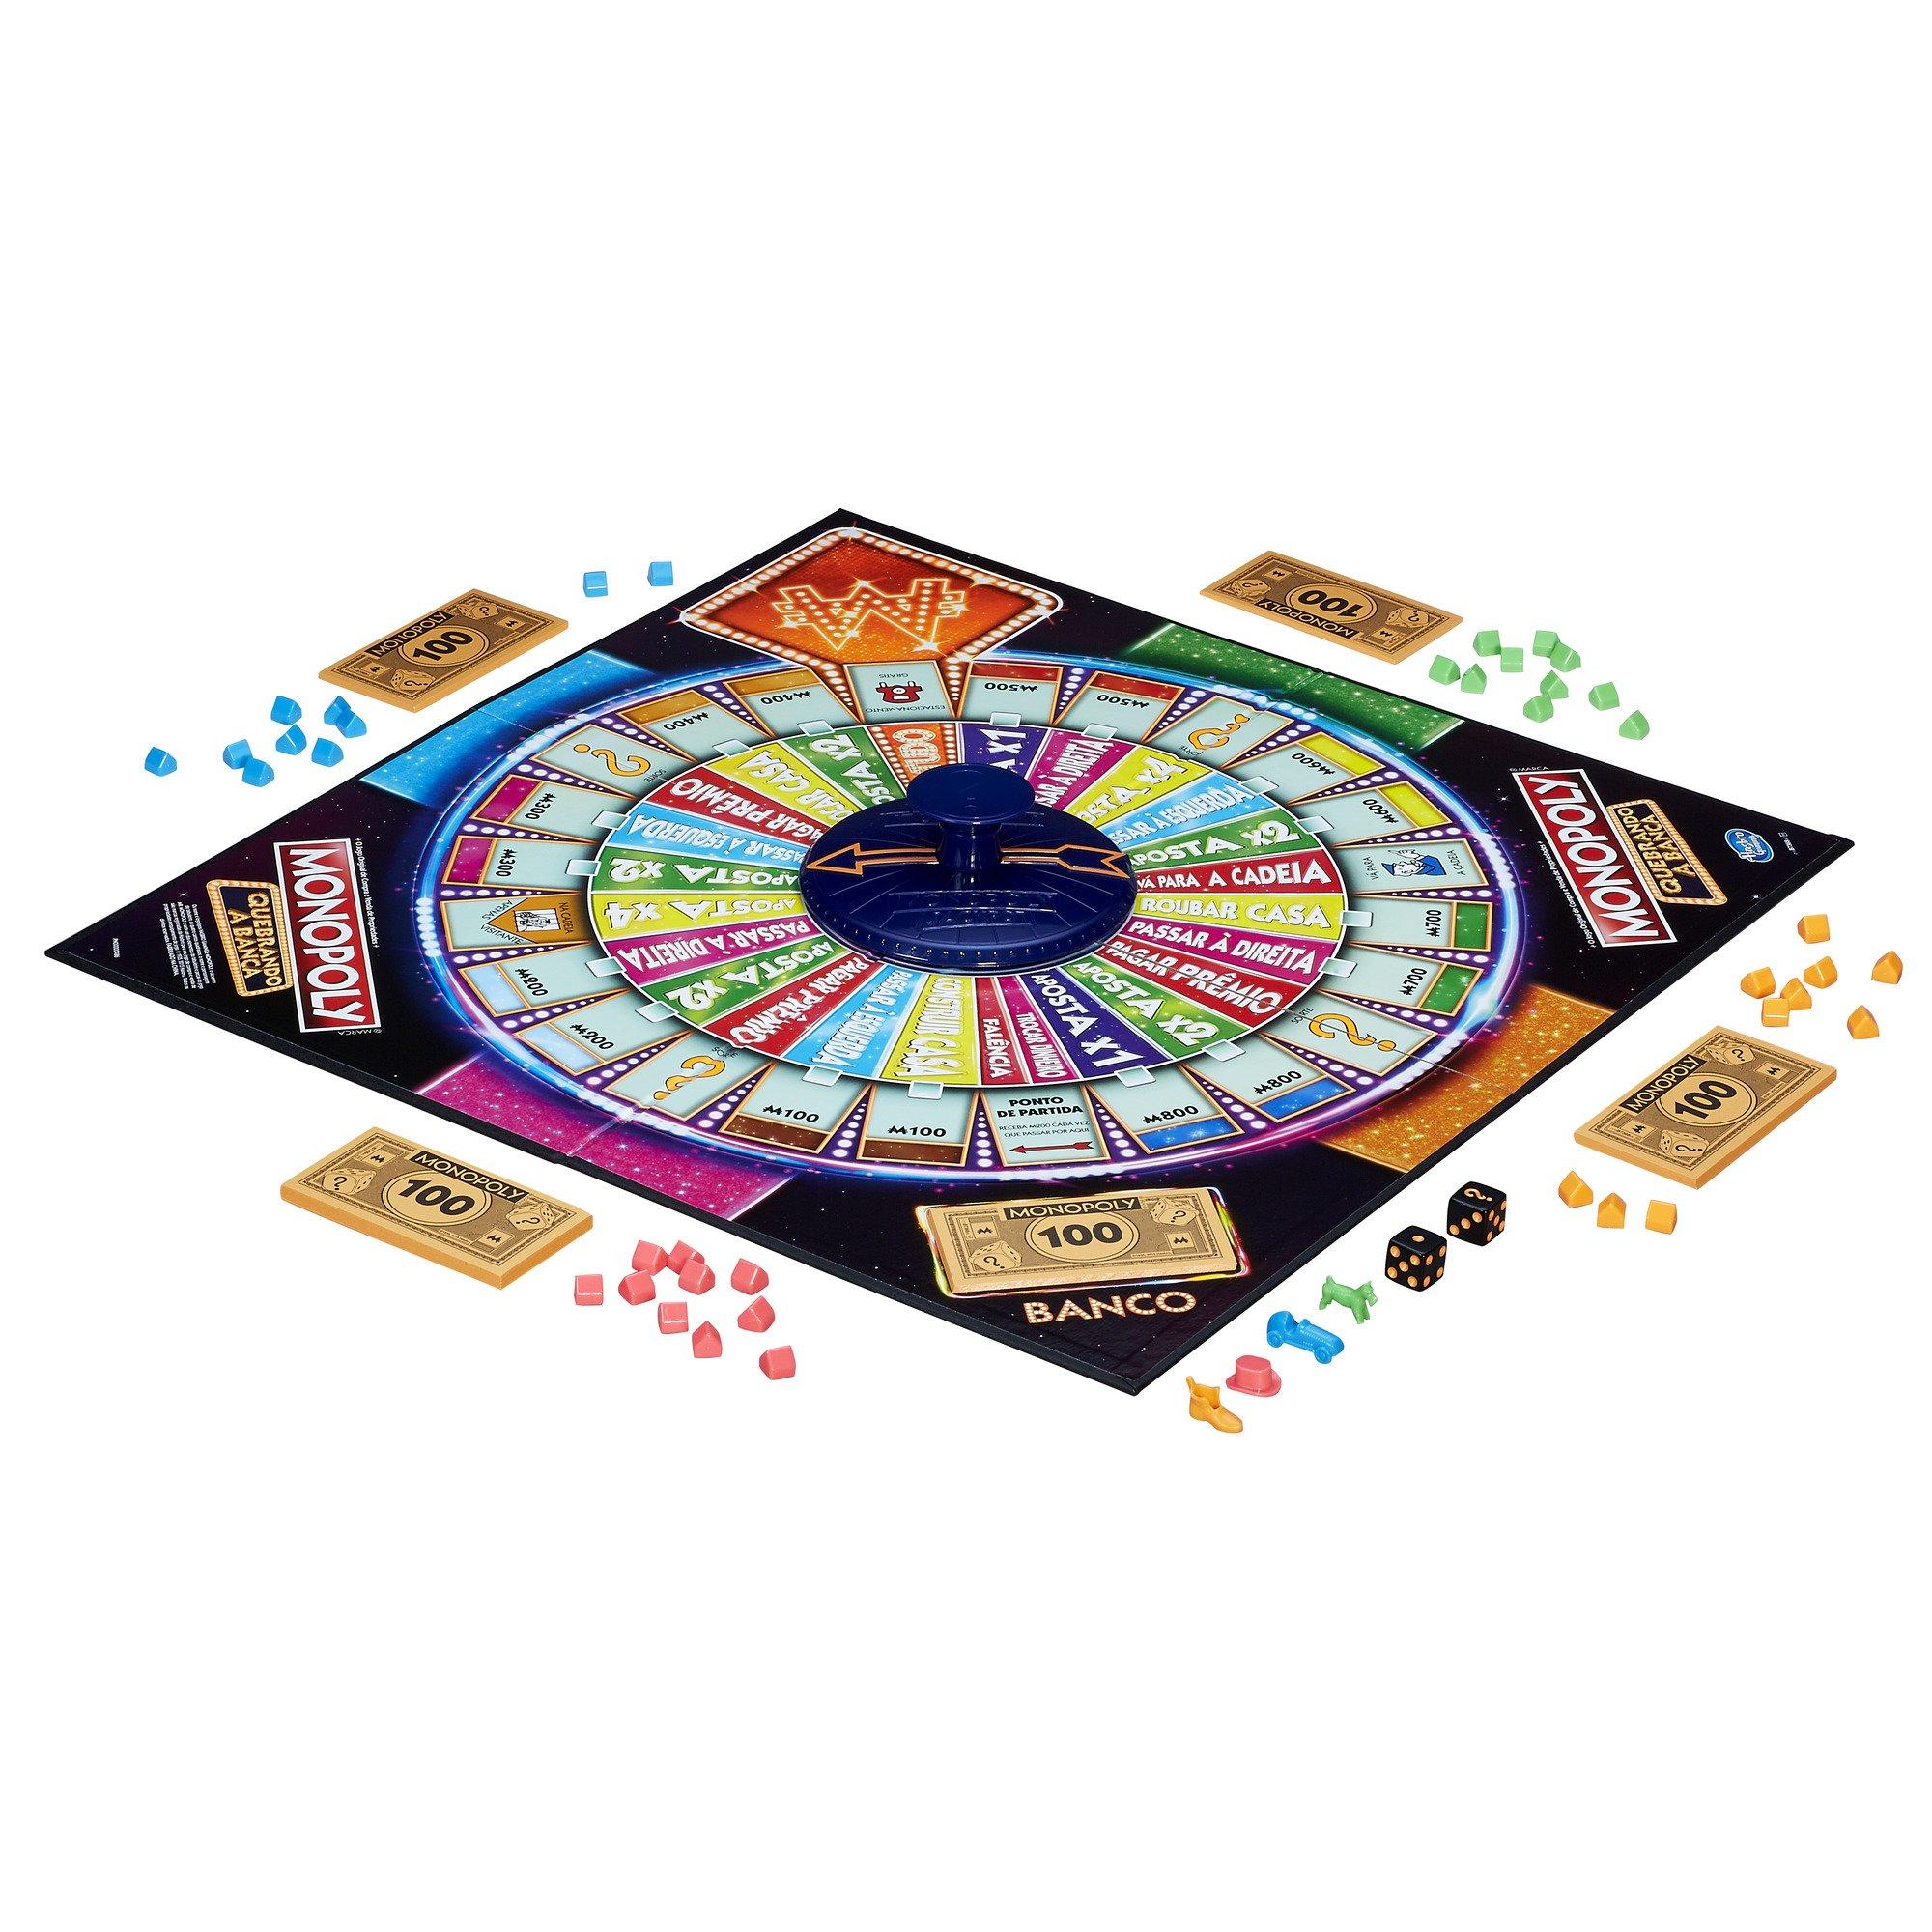 Hasbro B7368 Niños y Adultos Simulación económica - Juego de Tablero (Simulación económica, Niños y Adultos, Niño/niña, 8 año(s), Interior, Caja): Amazon.es: Juguetes y juegos